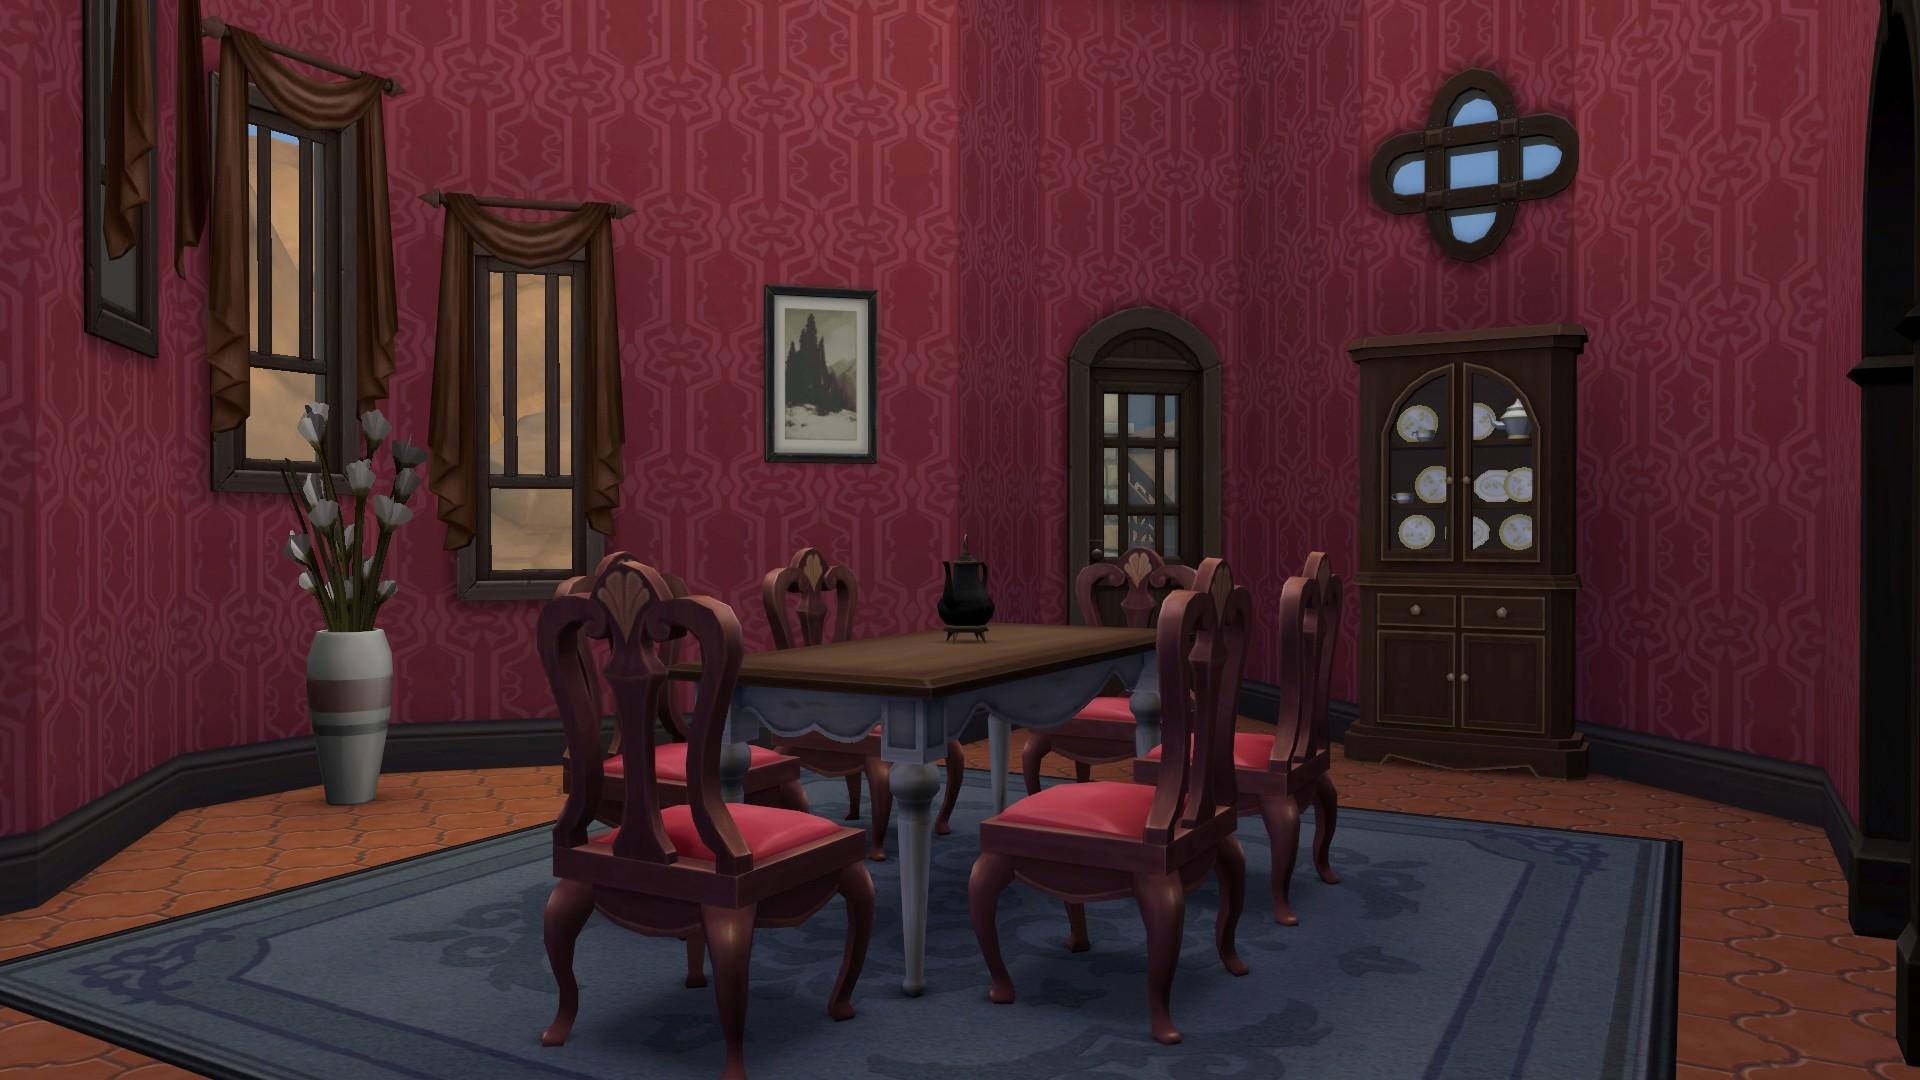 mod the sims vampire castle summer residence